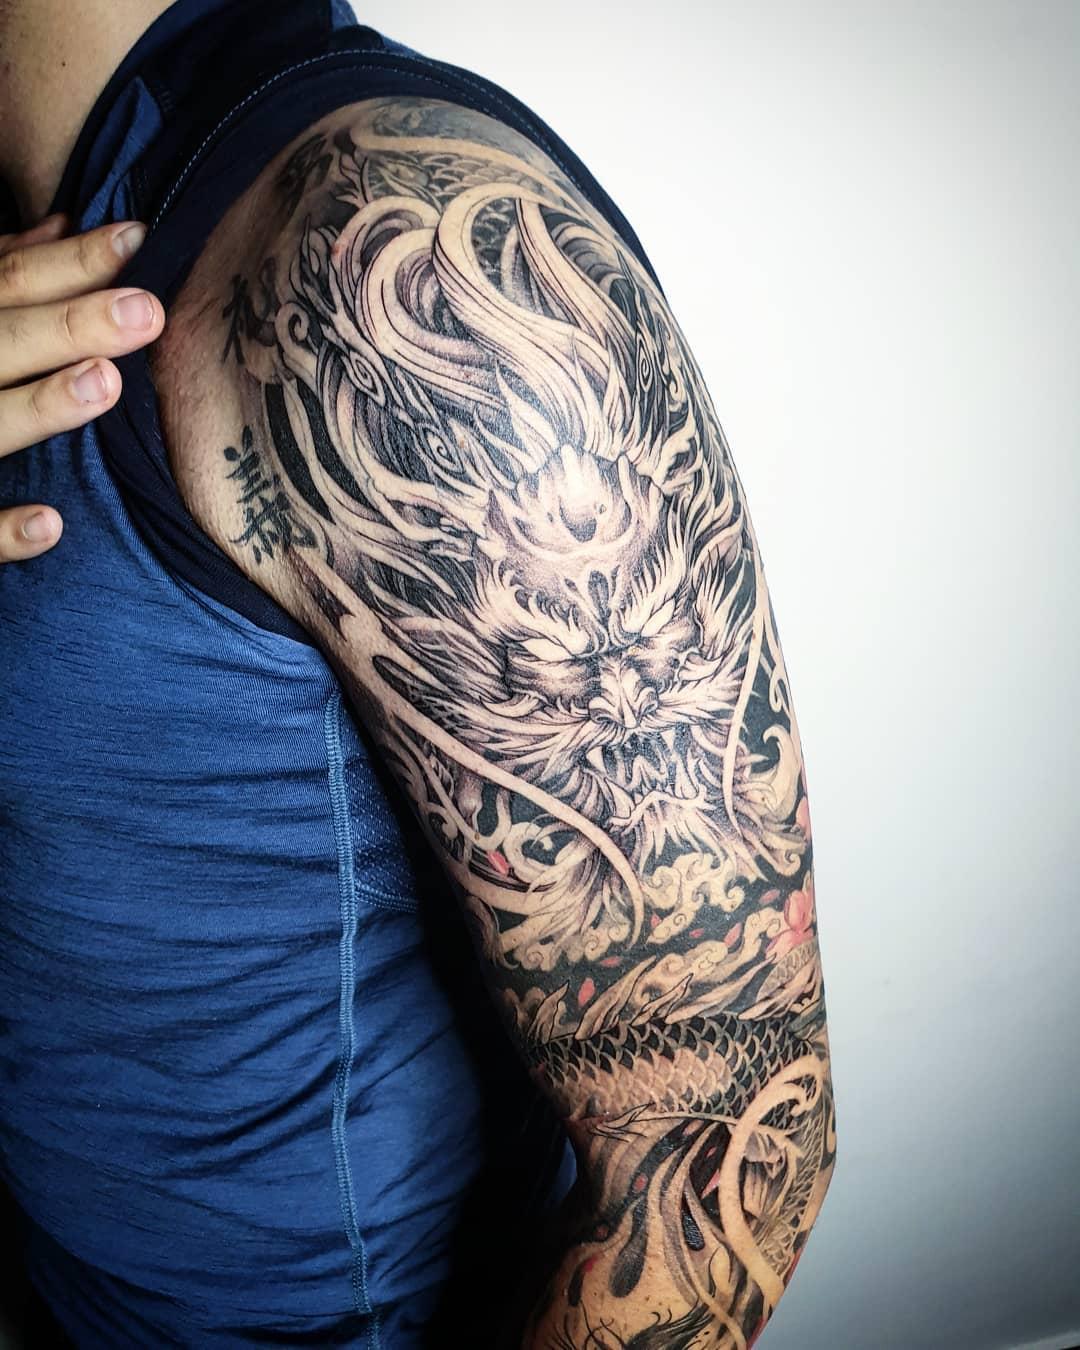 татуировка дракона на предплечье